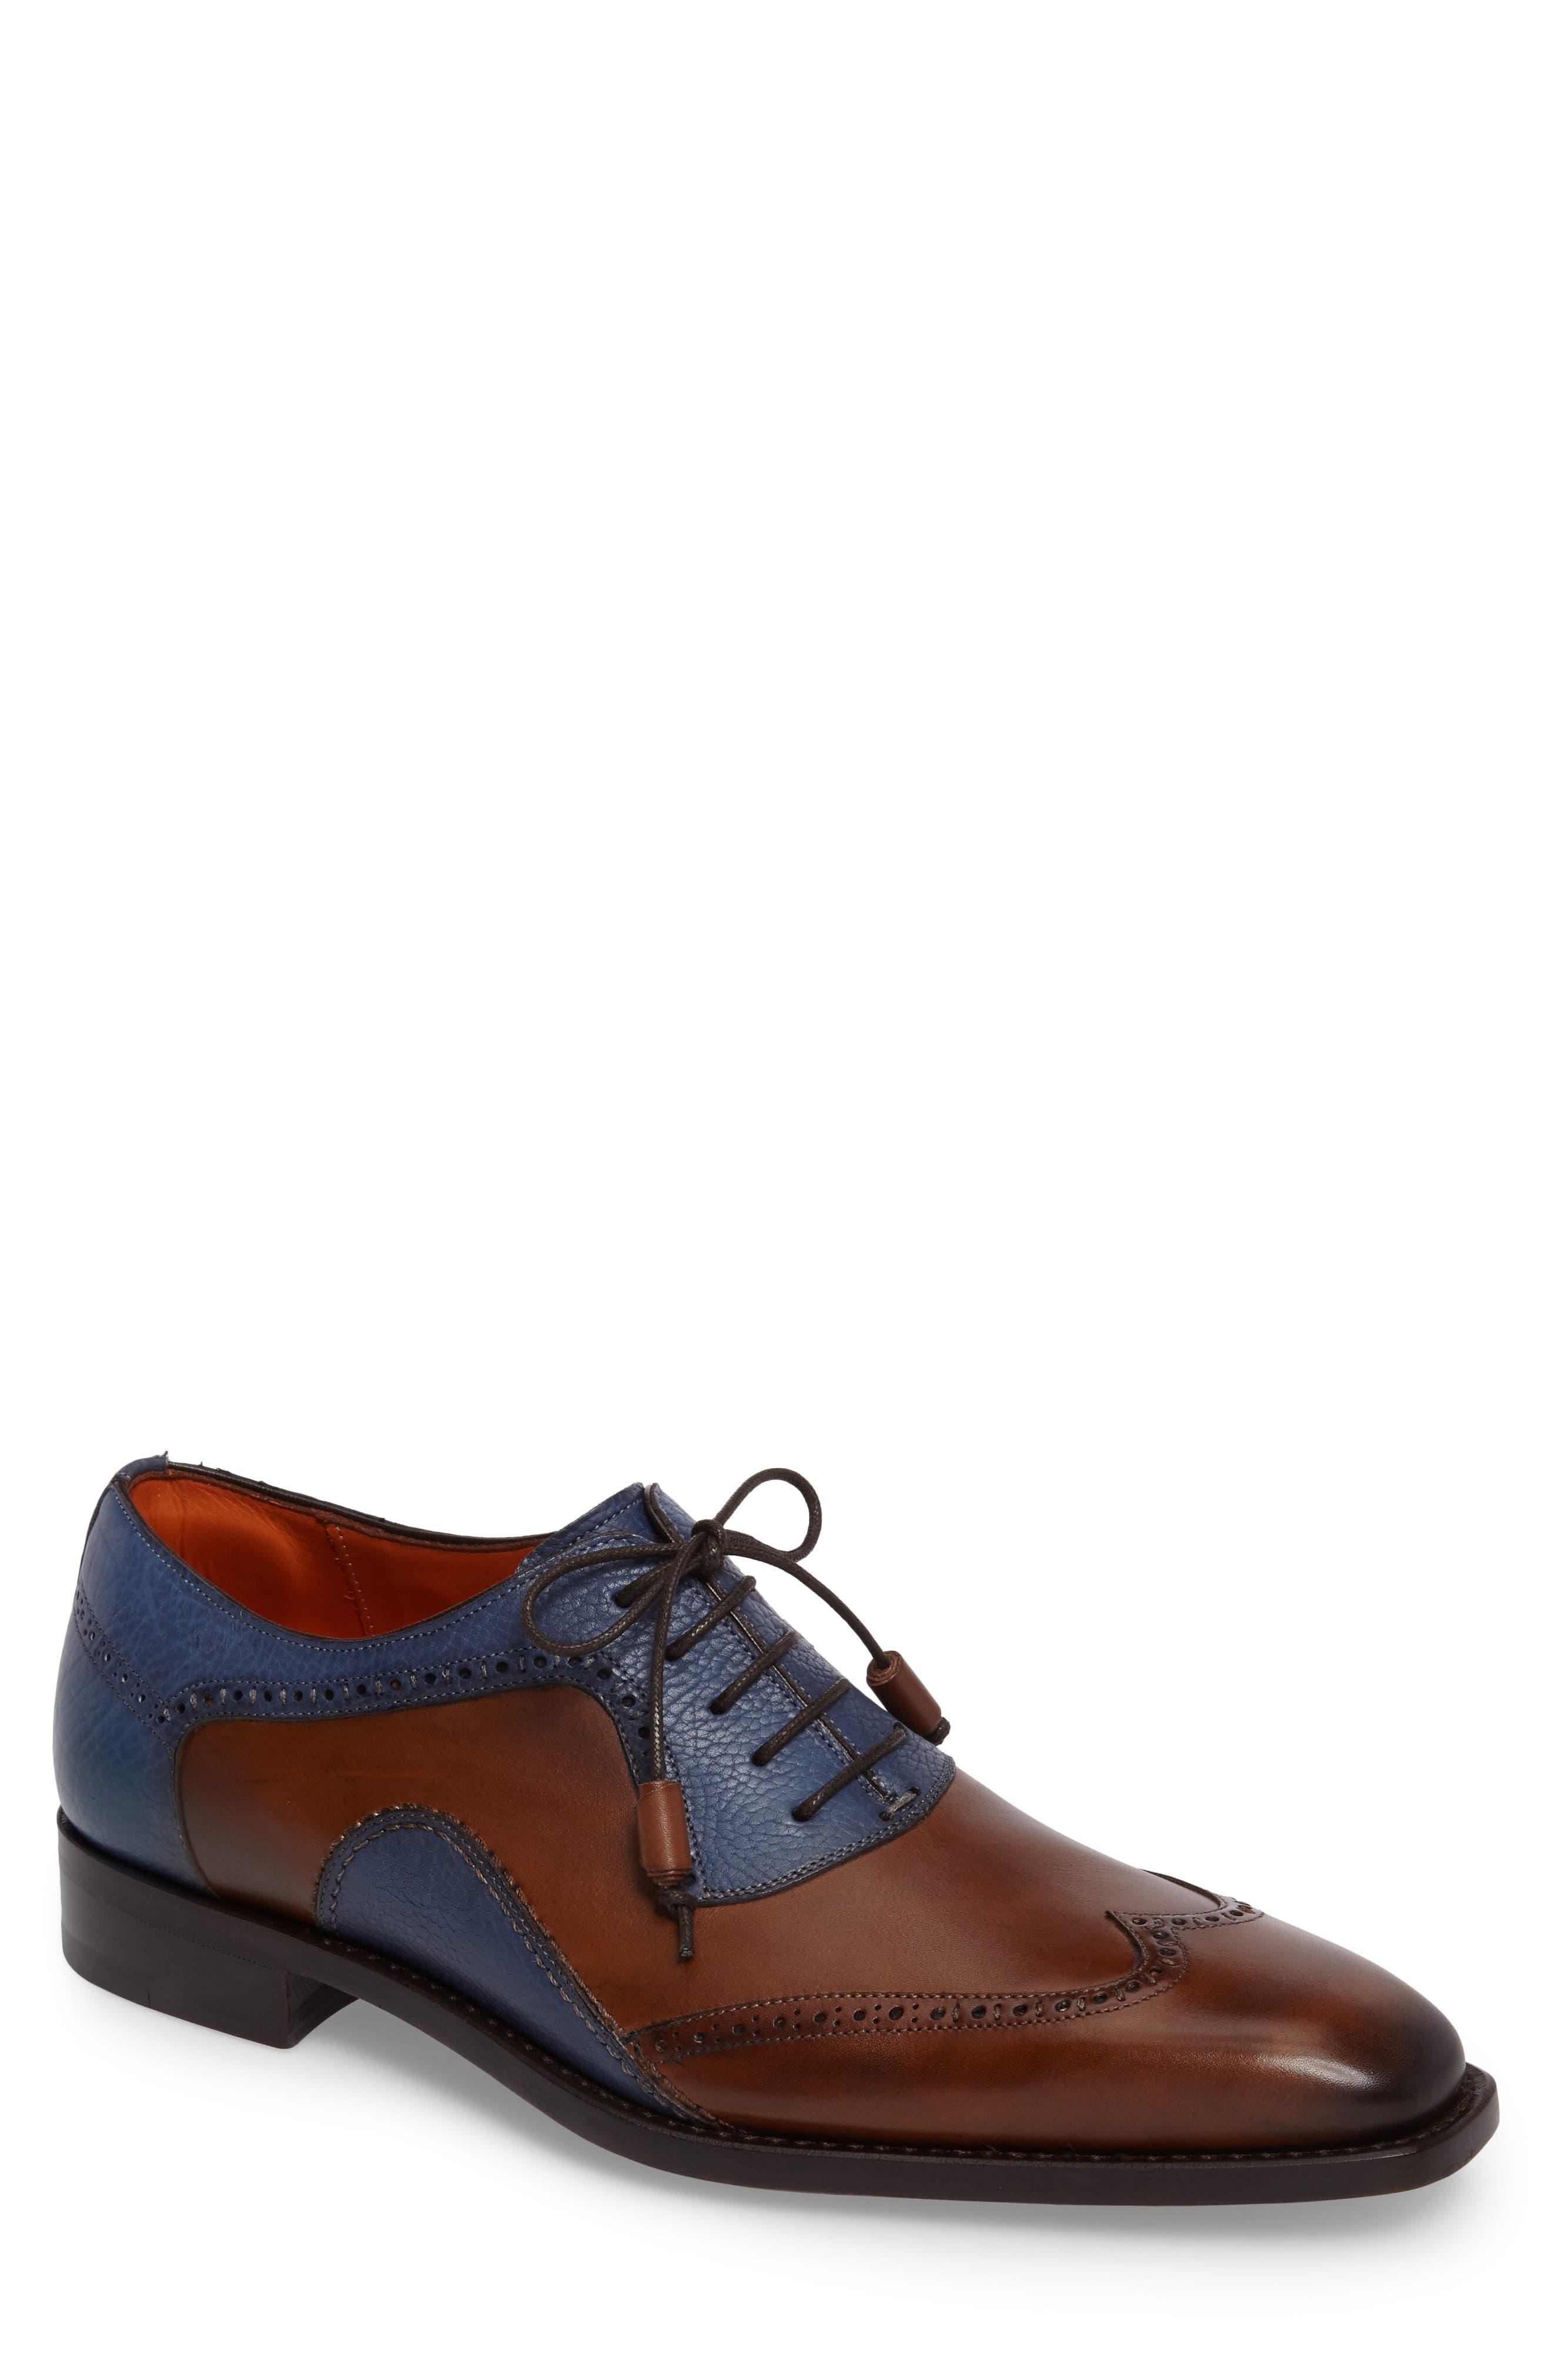 Conil Wingtip,                             Main thumbnail 1, color,                             Cognac/ Blue Leather